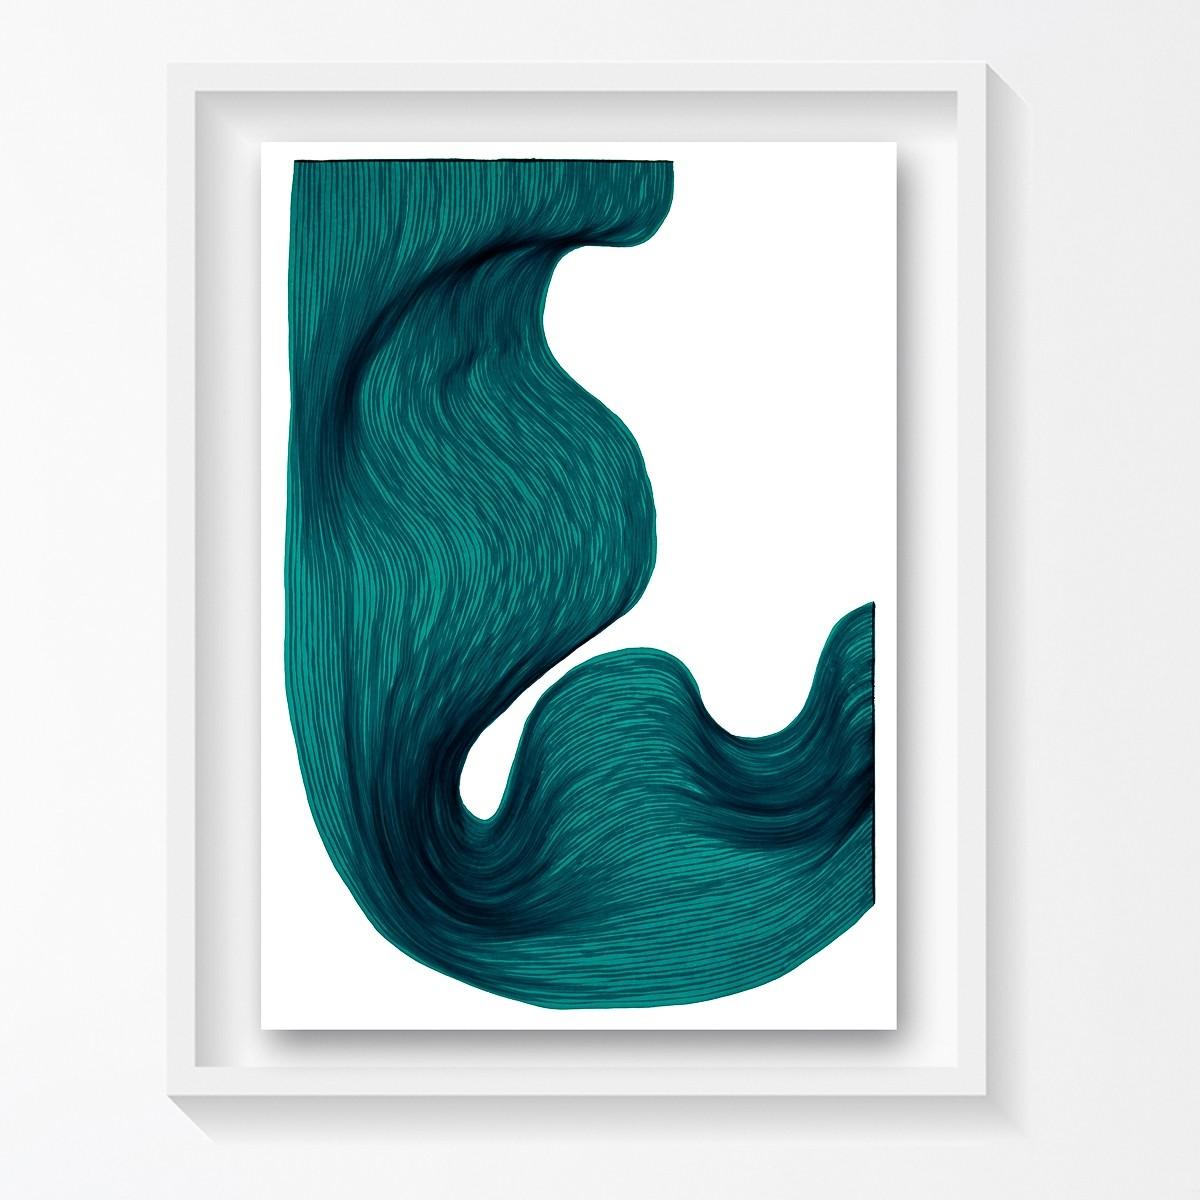 Sea Green  | Lali Torma | Zeichnung | Kalligraphietusche auf Papier, gerahmt